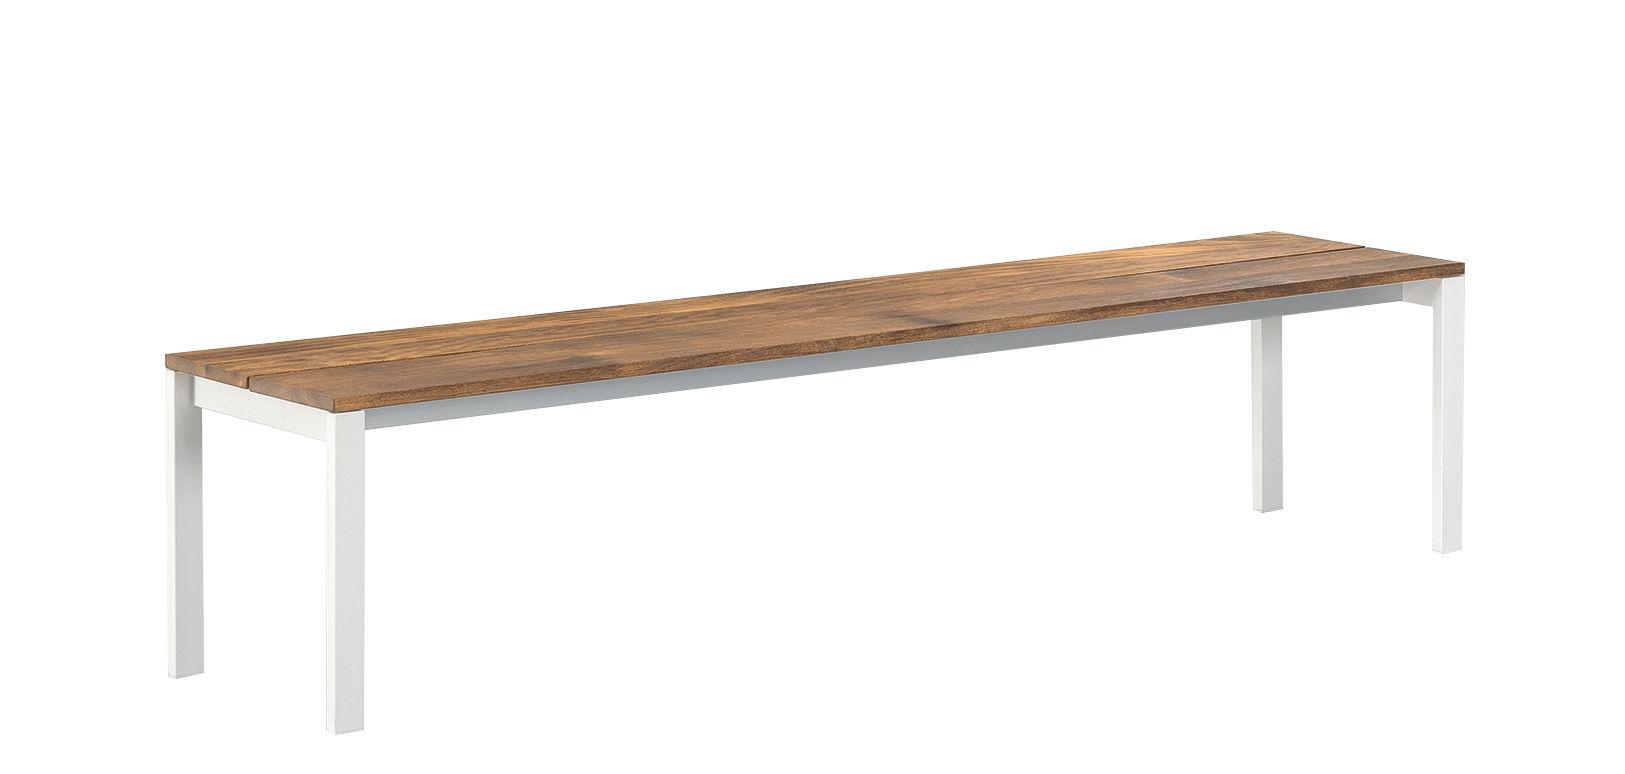 Möbel - Bänke - be-Easy Bank / Teakholz - 180 x 40 cm - Kristalia - Teakholz / lackierter Stahl - lackierter Stahl, Teakholz